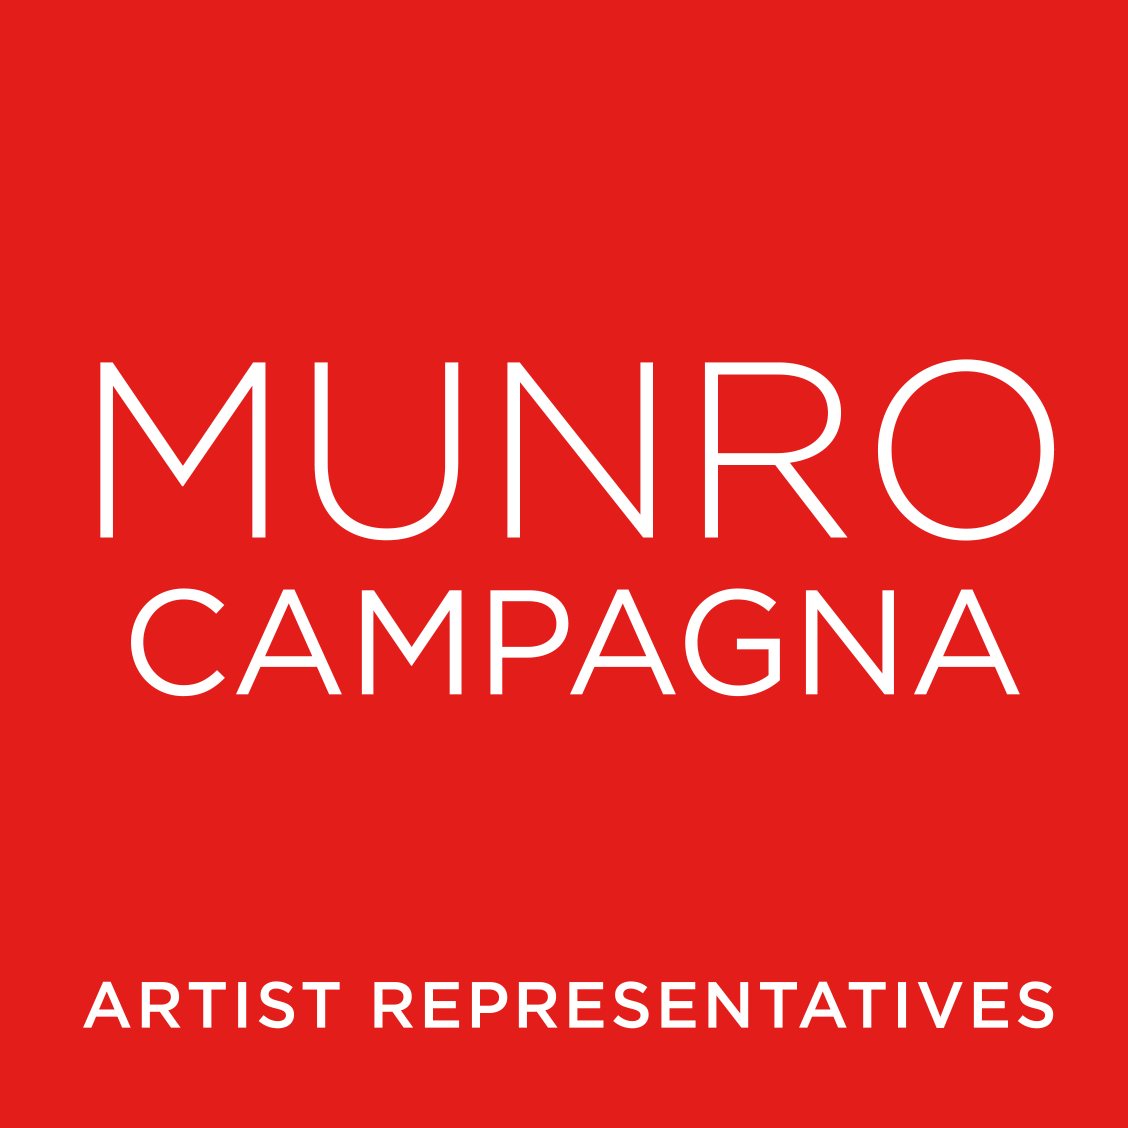 Munro-Home-Large-Image